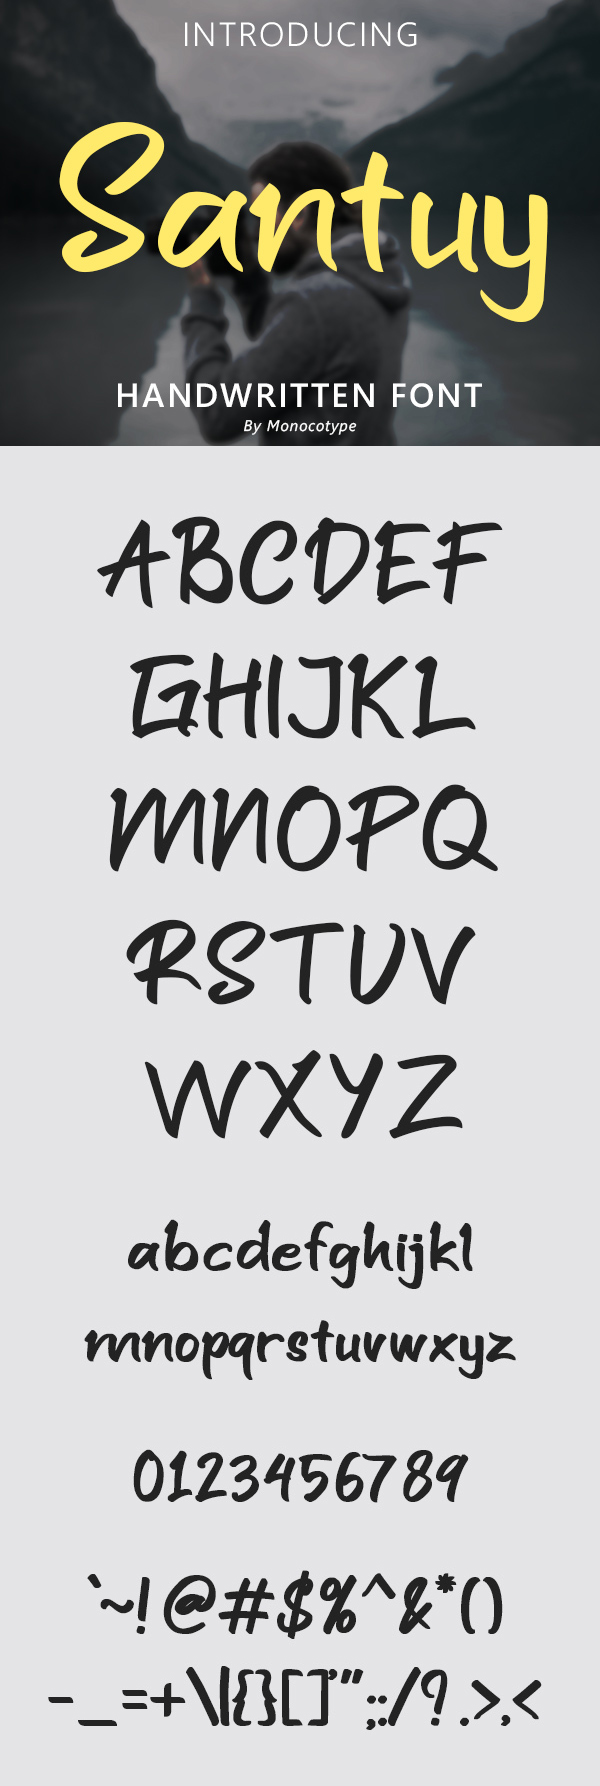 Santuy Handwritten Free Font